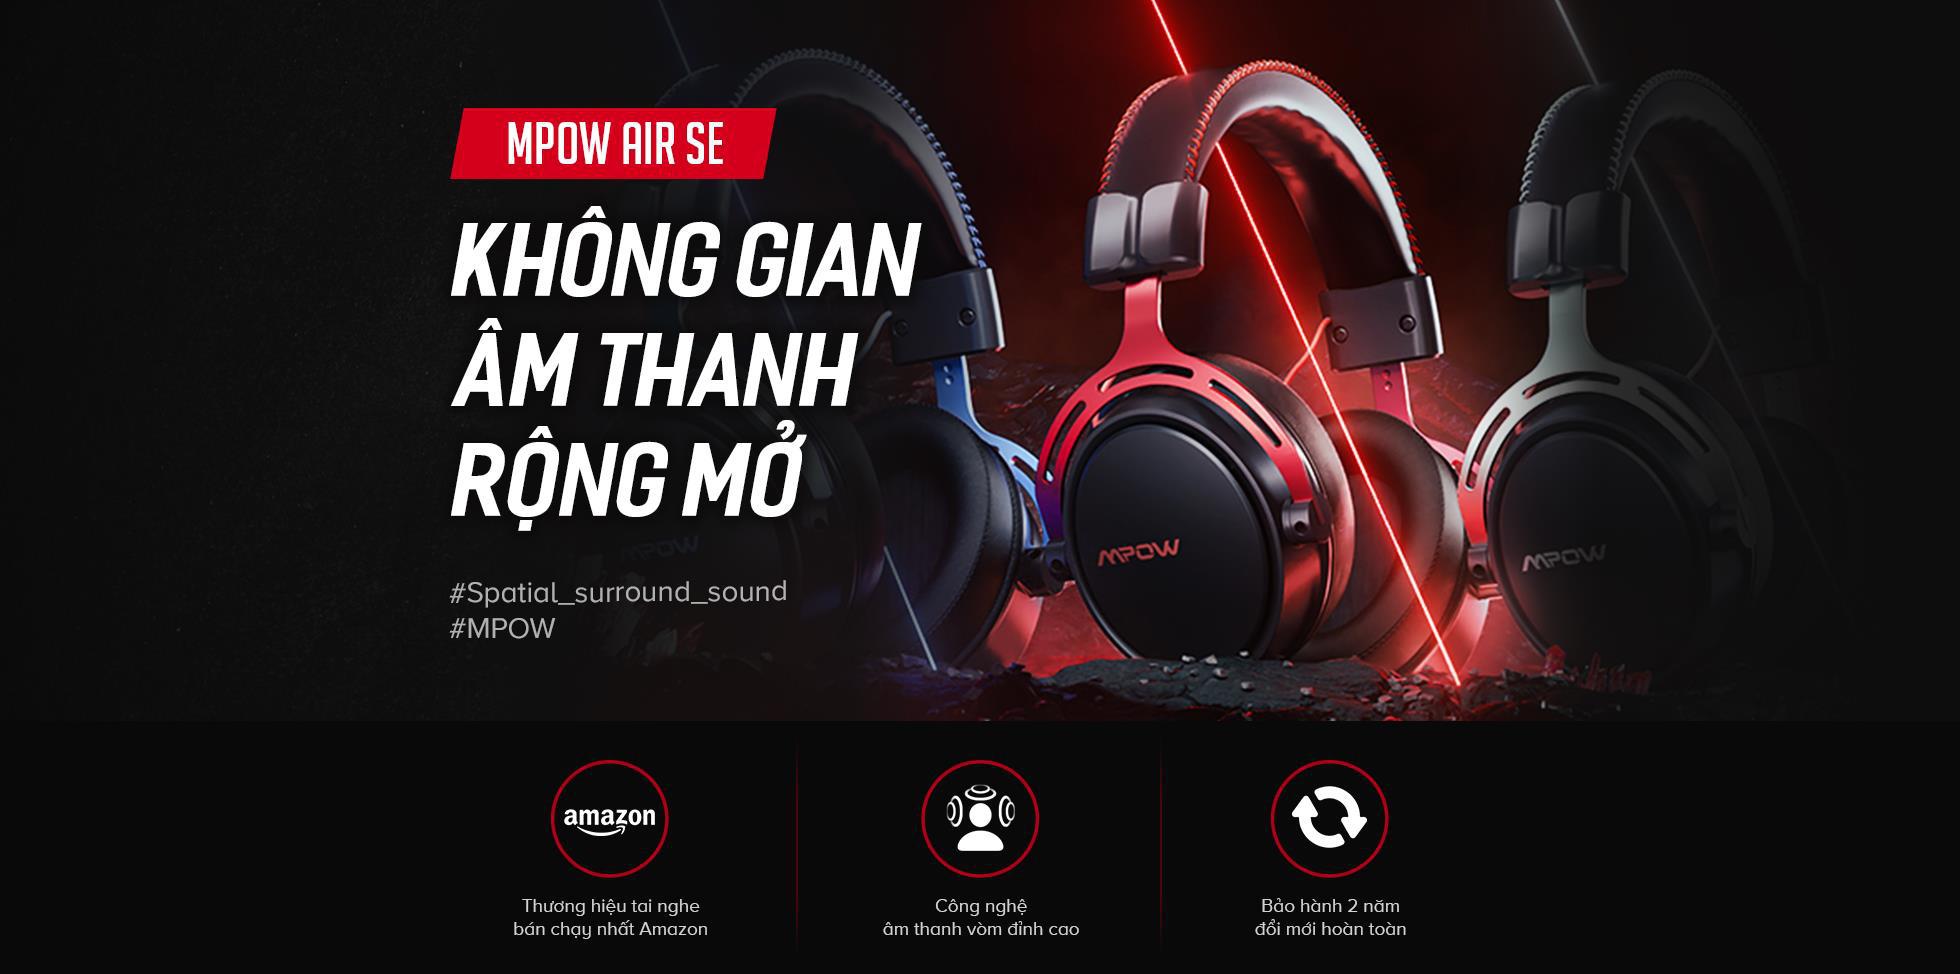 Giải mã MPOW AIR SE - Chiếc tai nghe của thương hiệu headphone bán chạy hàng đầu Amazon - Ảnh 1.